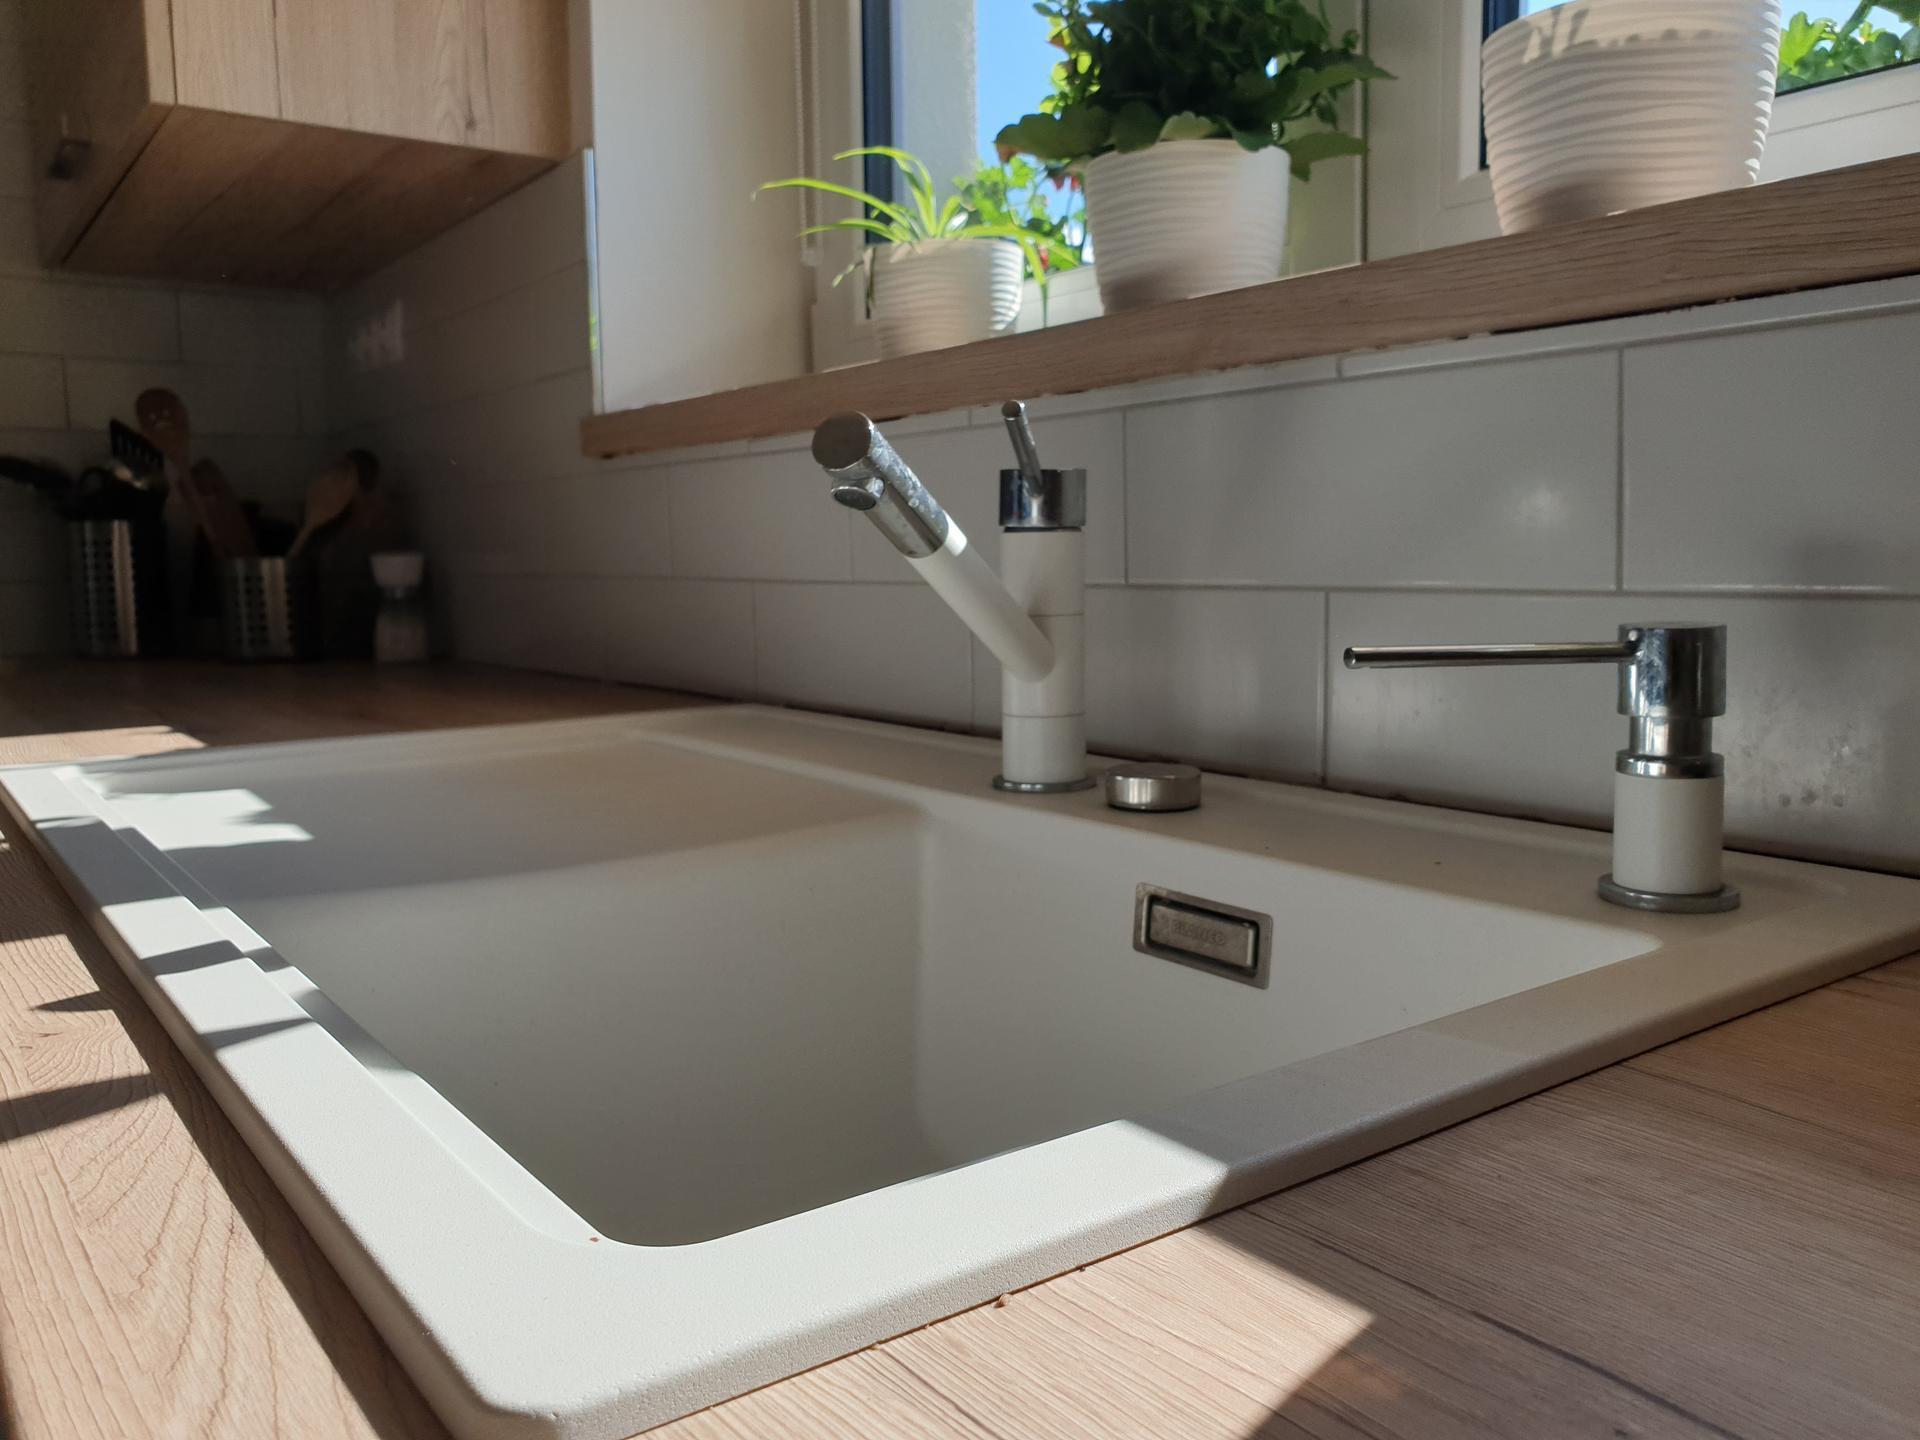 Kuchyně - Obrázek č. 11